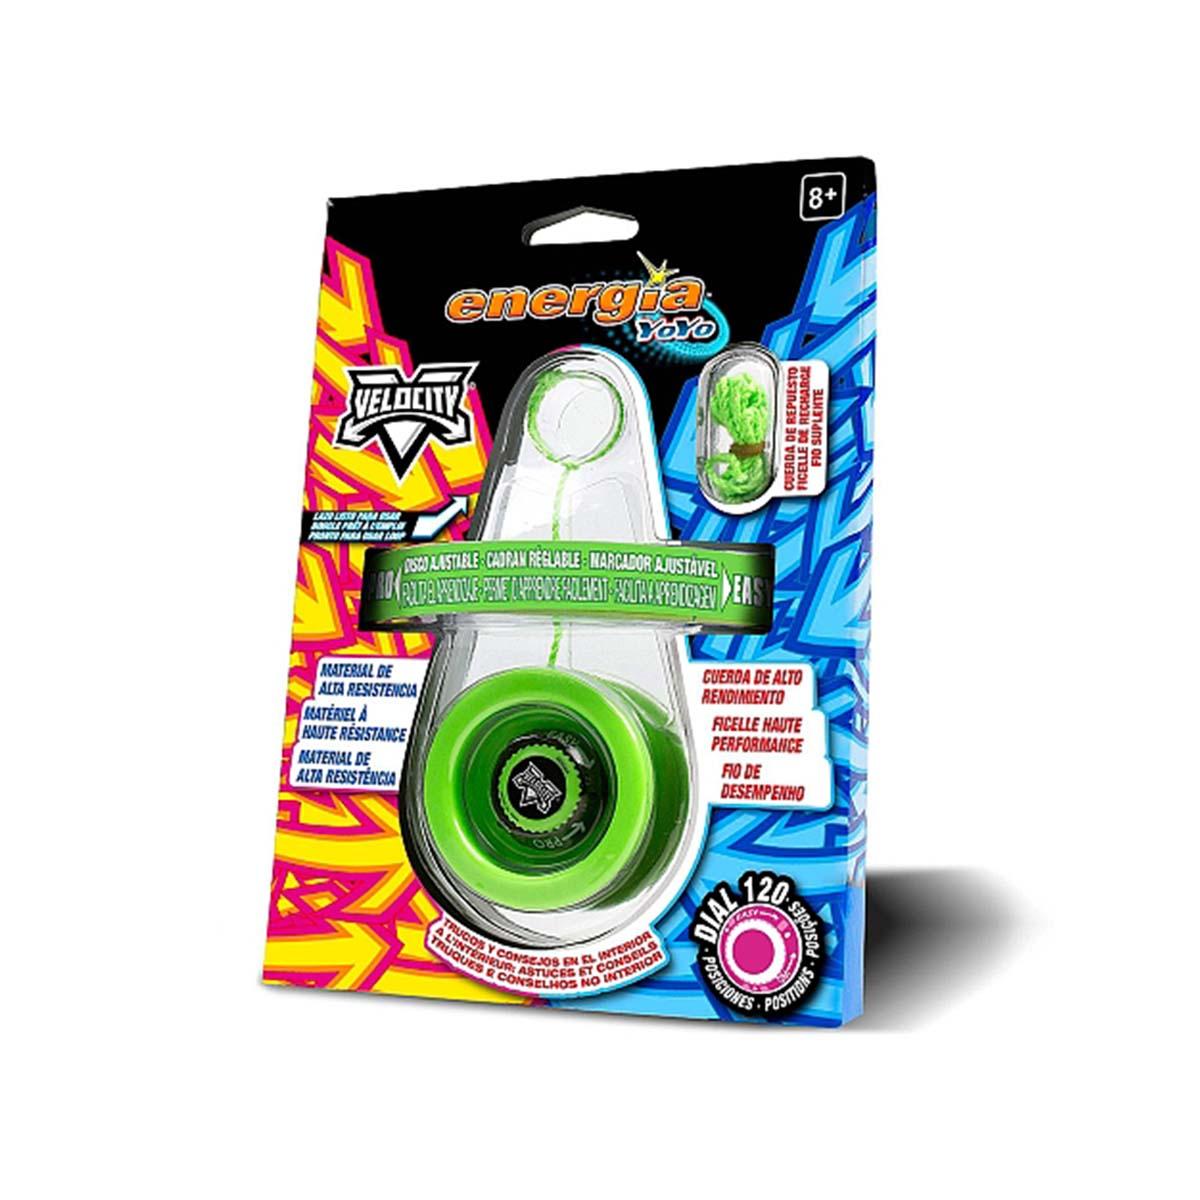 Yoyo Energia - Velocity